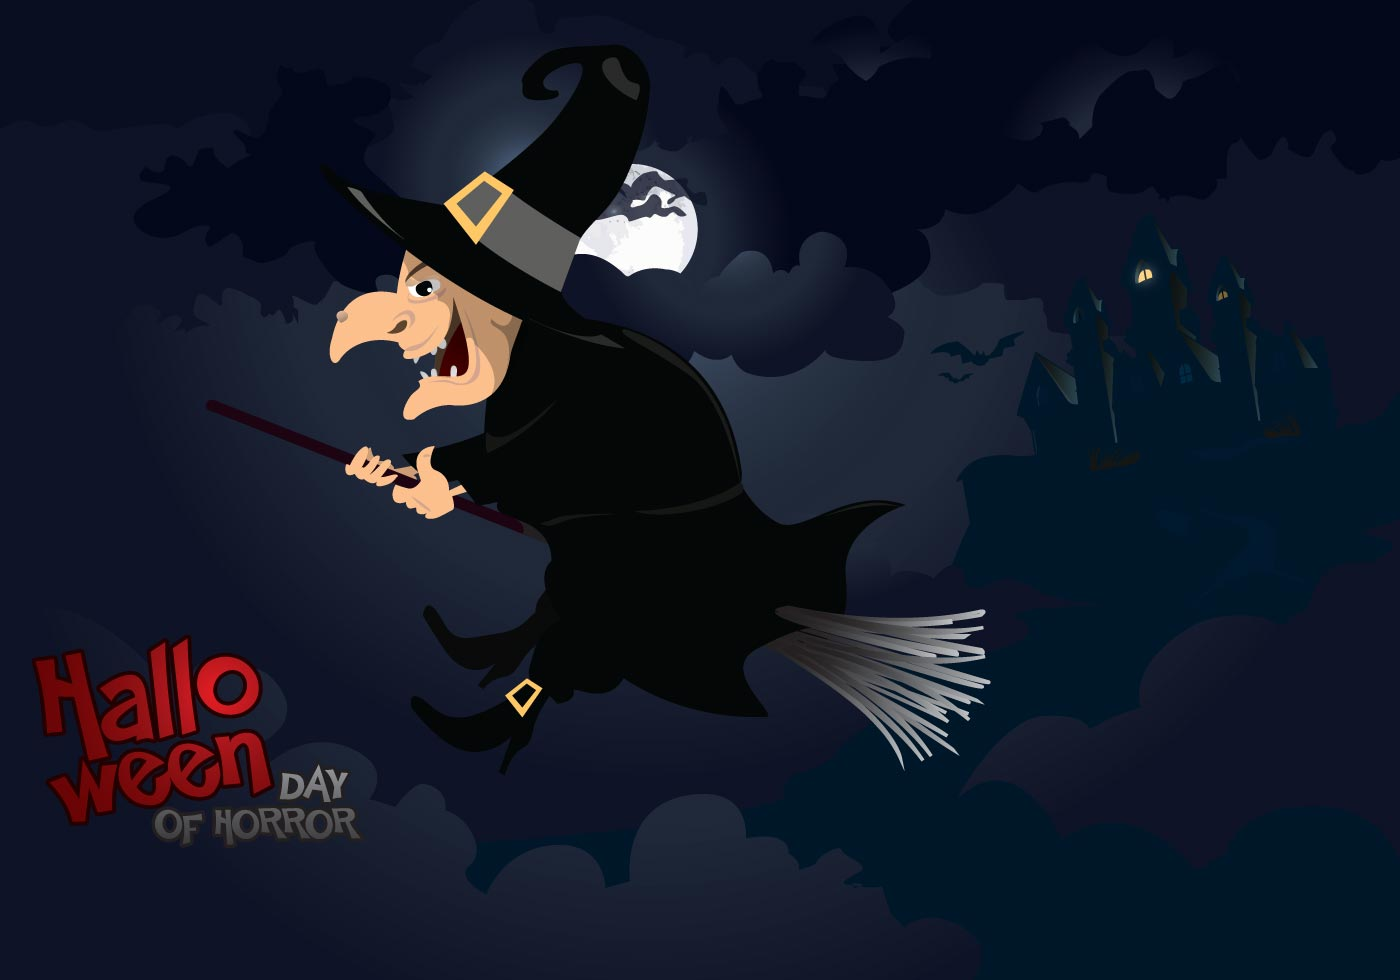 Cute Halloween Bat Wallpaper Halloween Witch Download Free Vector Art Stock Graphics